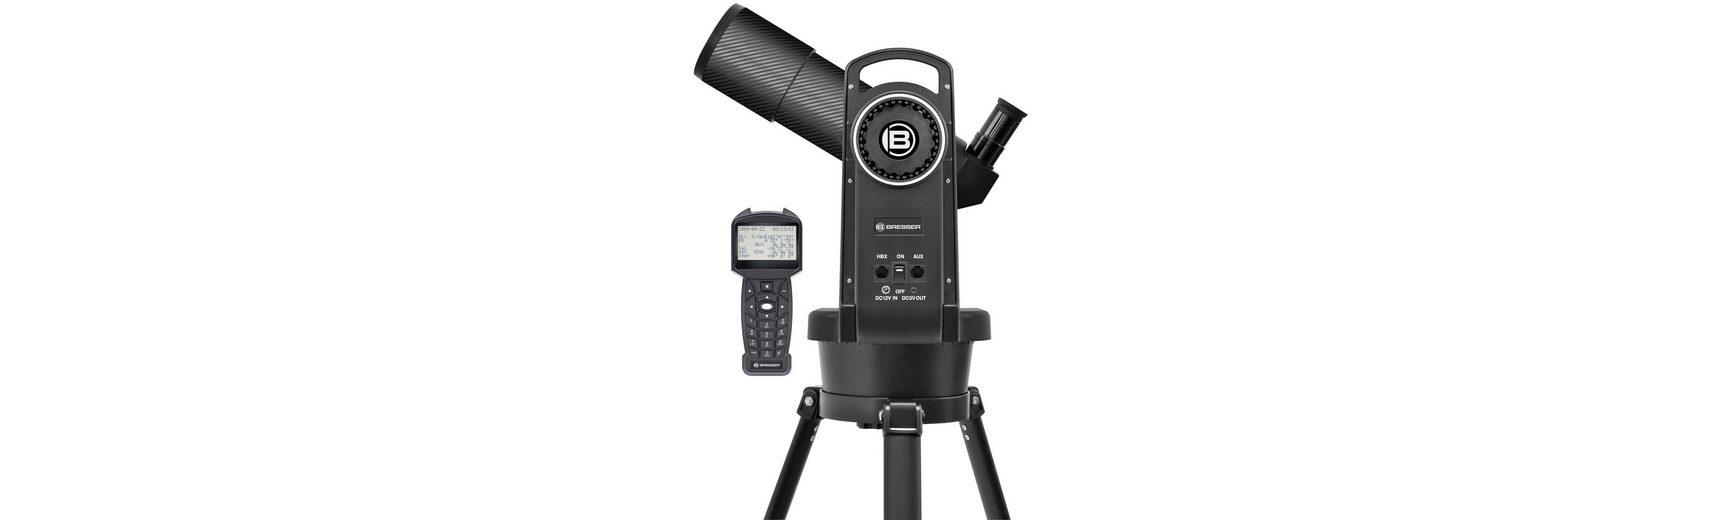 Bresser Teleskop »BRESSER Automatik 80/400 Teleskop mit GoTo«